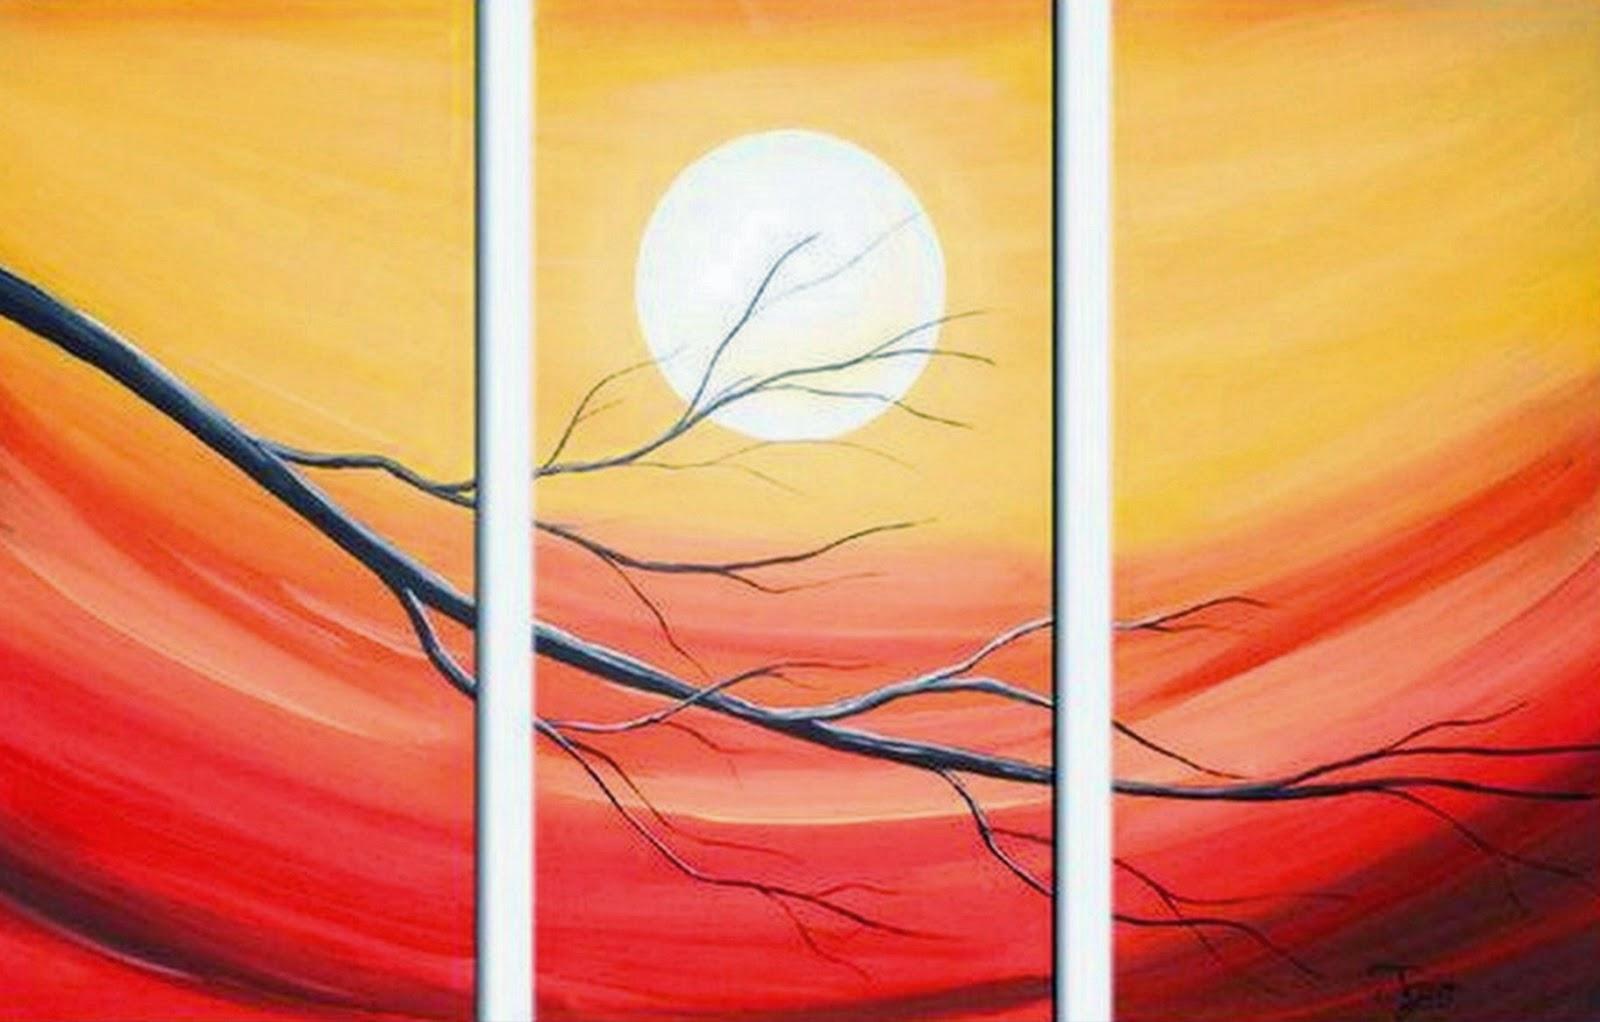 Cuadros modernos pinturas y dibujos 02 17 15 for Fotos de cuadros modernos para dormitorios